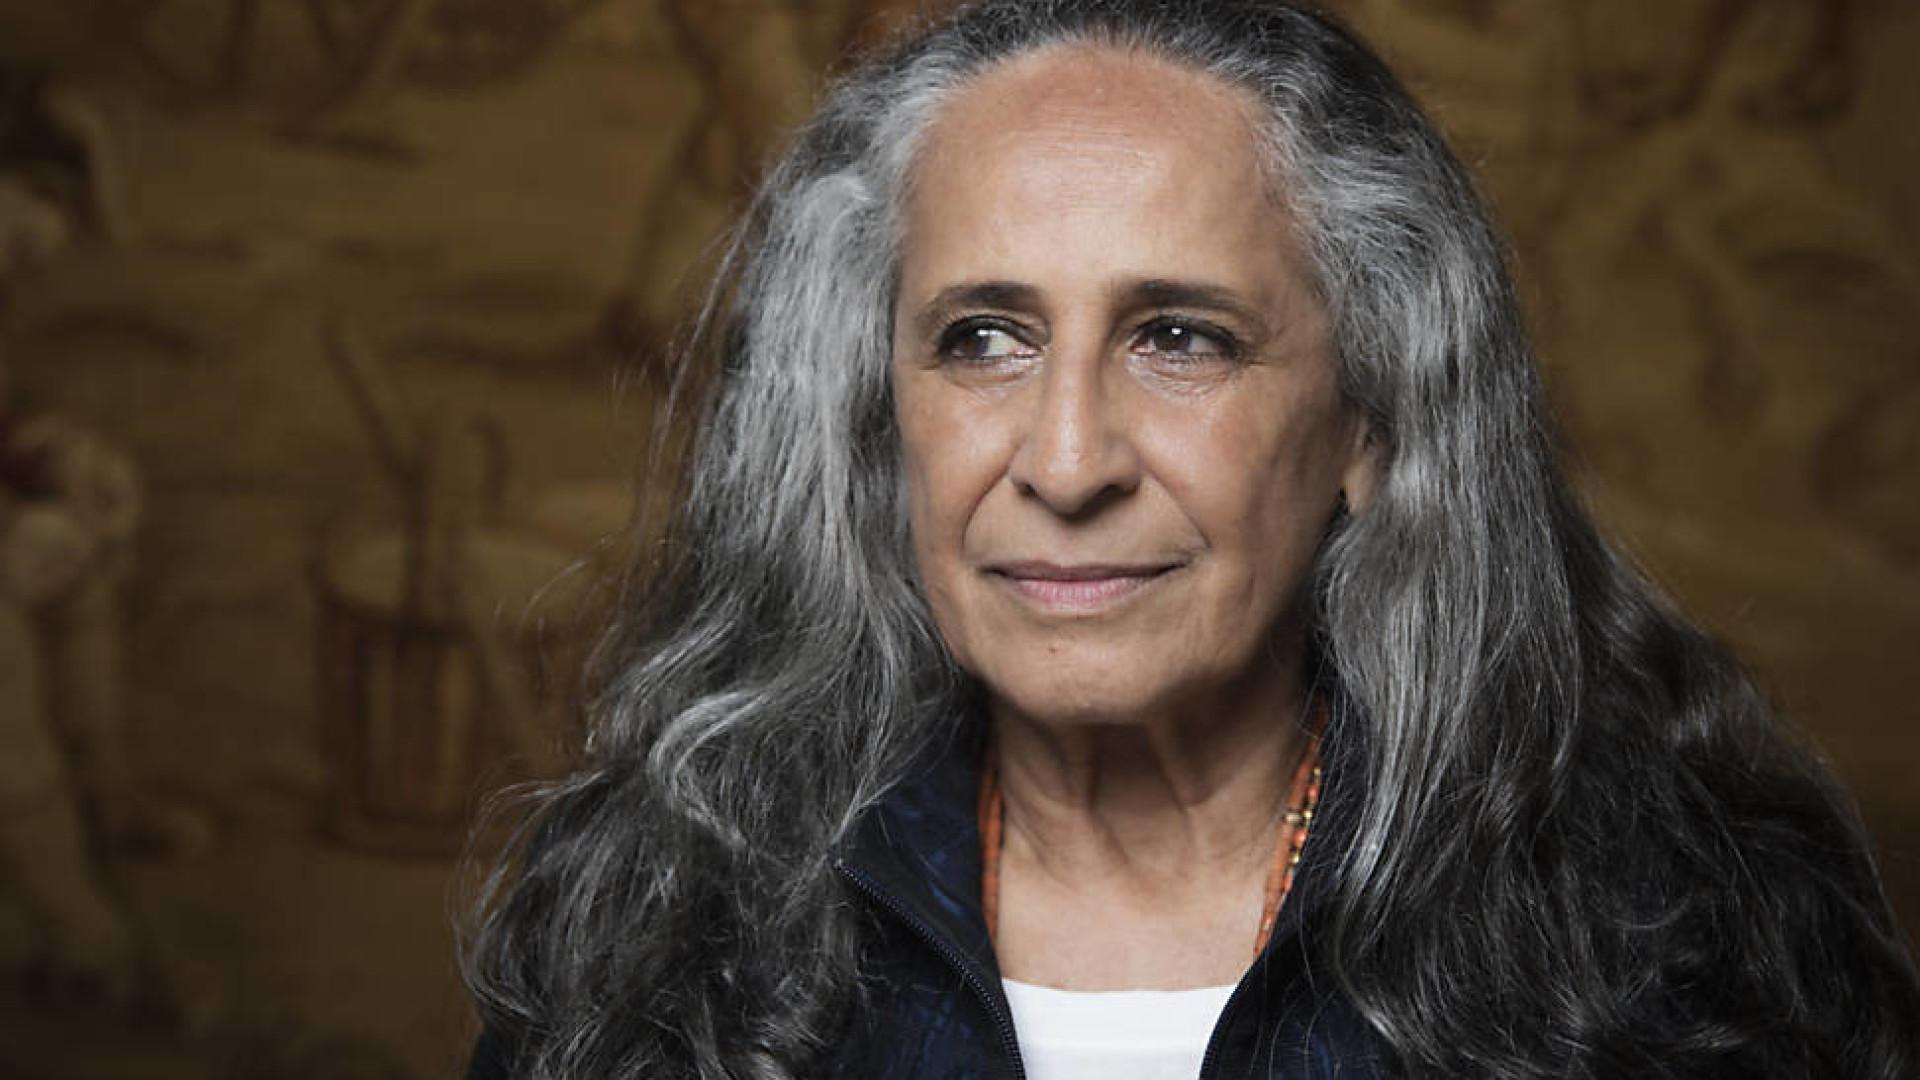 'Tenho a maior honra de ser chamada de paraíba', diz Maria Bethânia